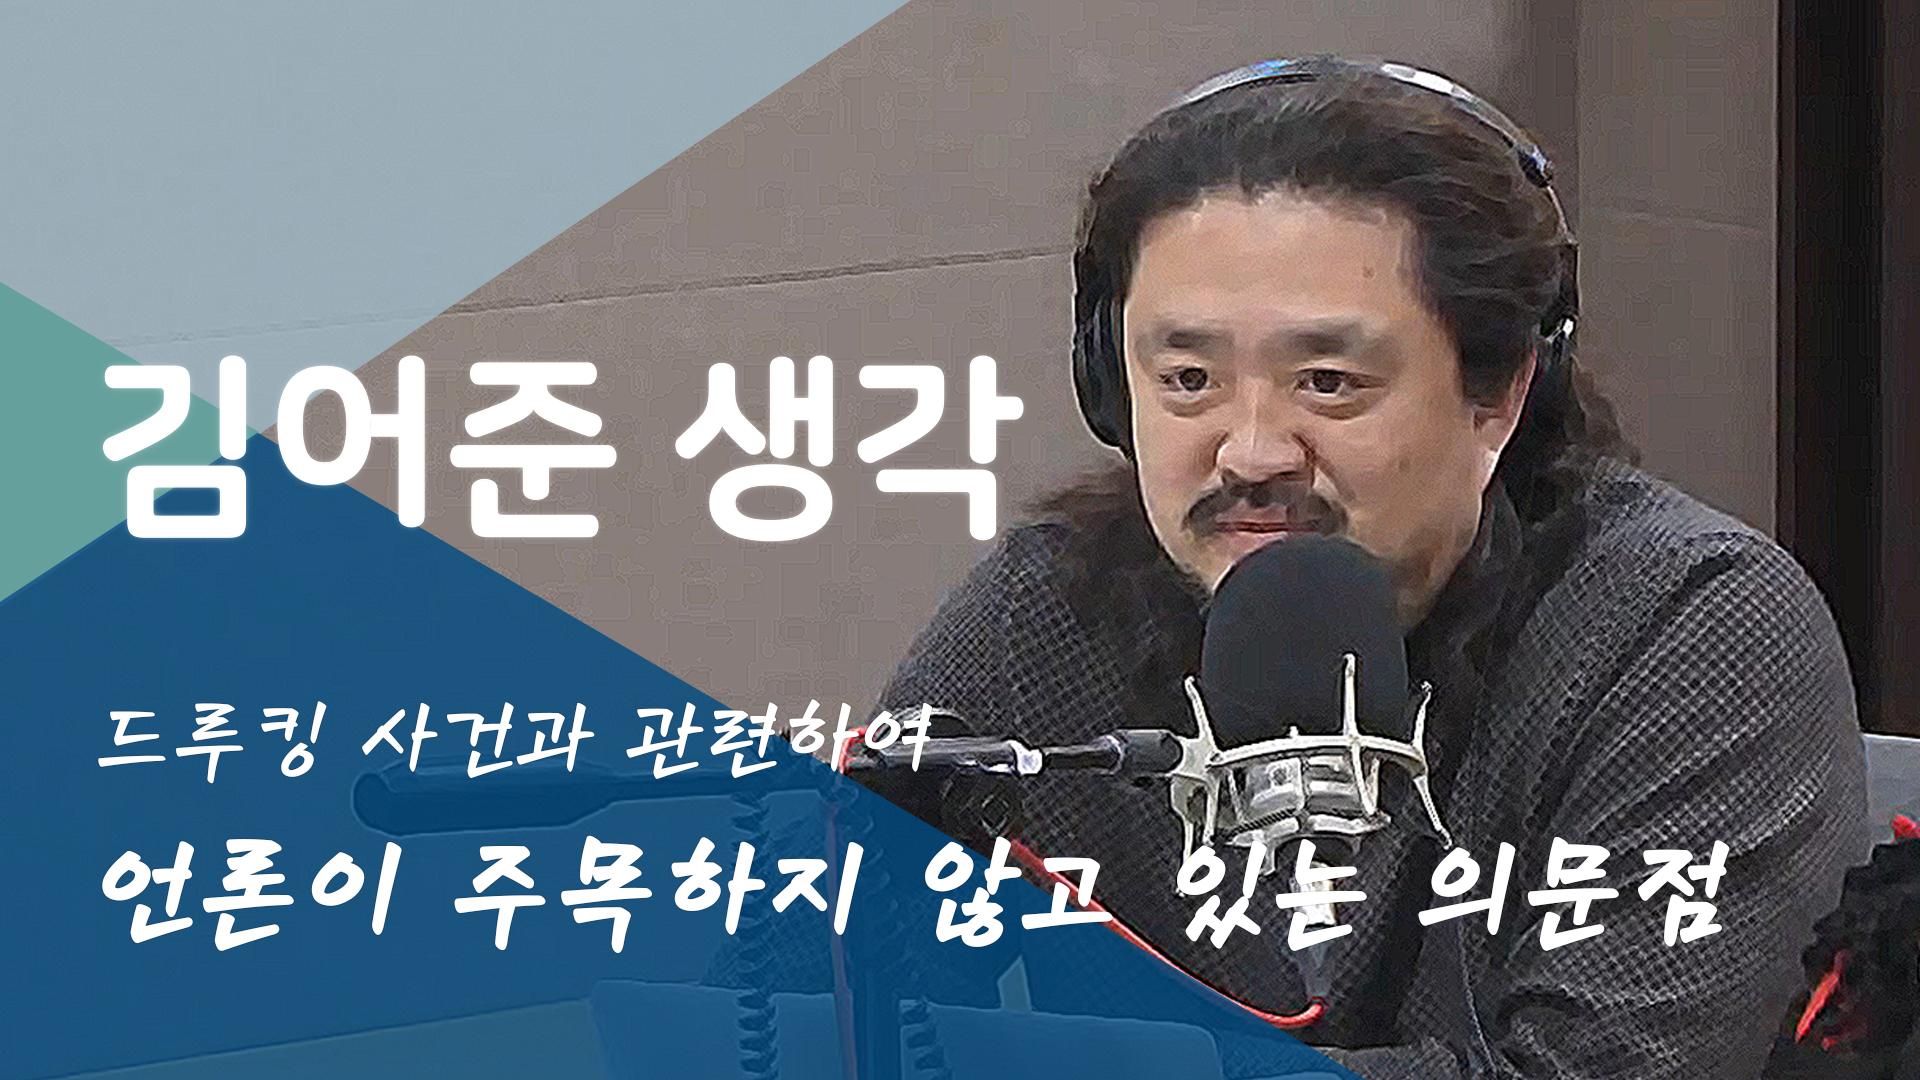 [김어준생각] 매크로 정황에 대한 의문점